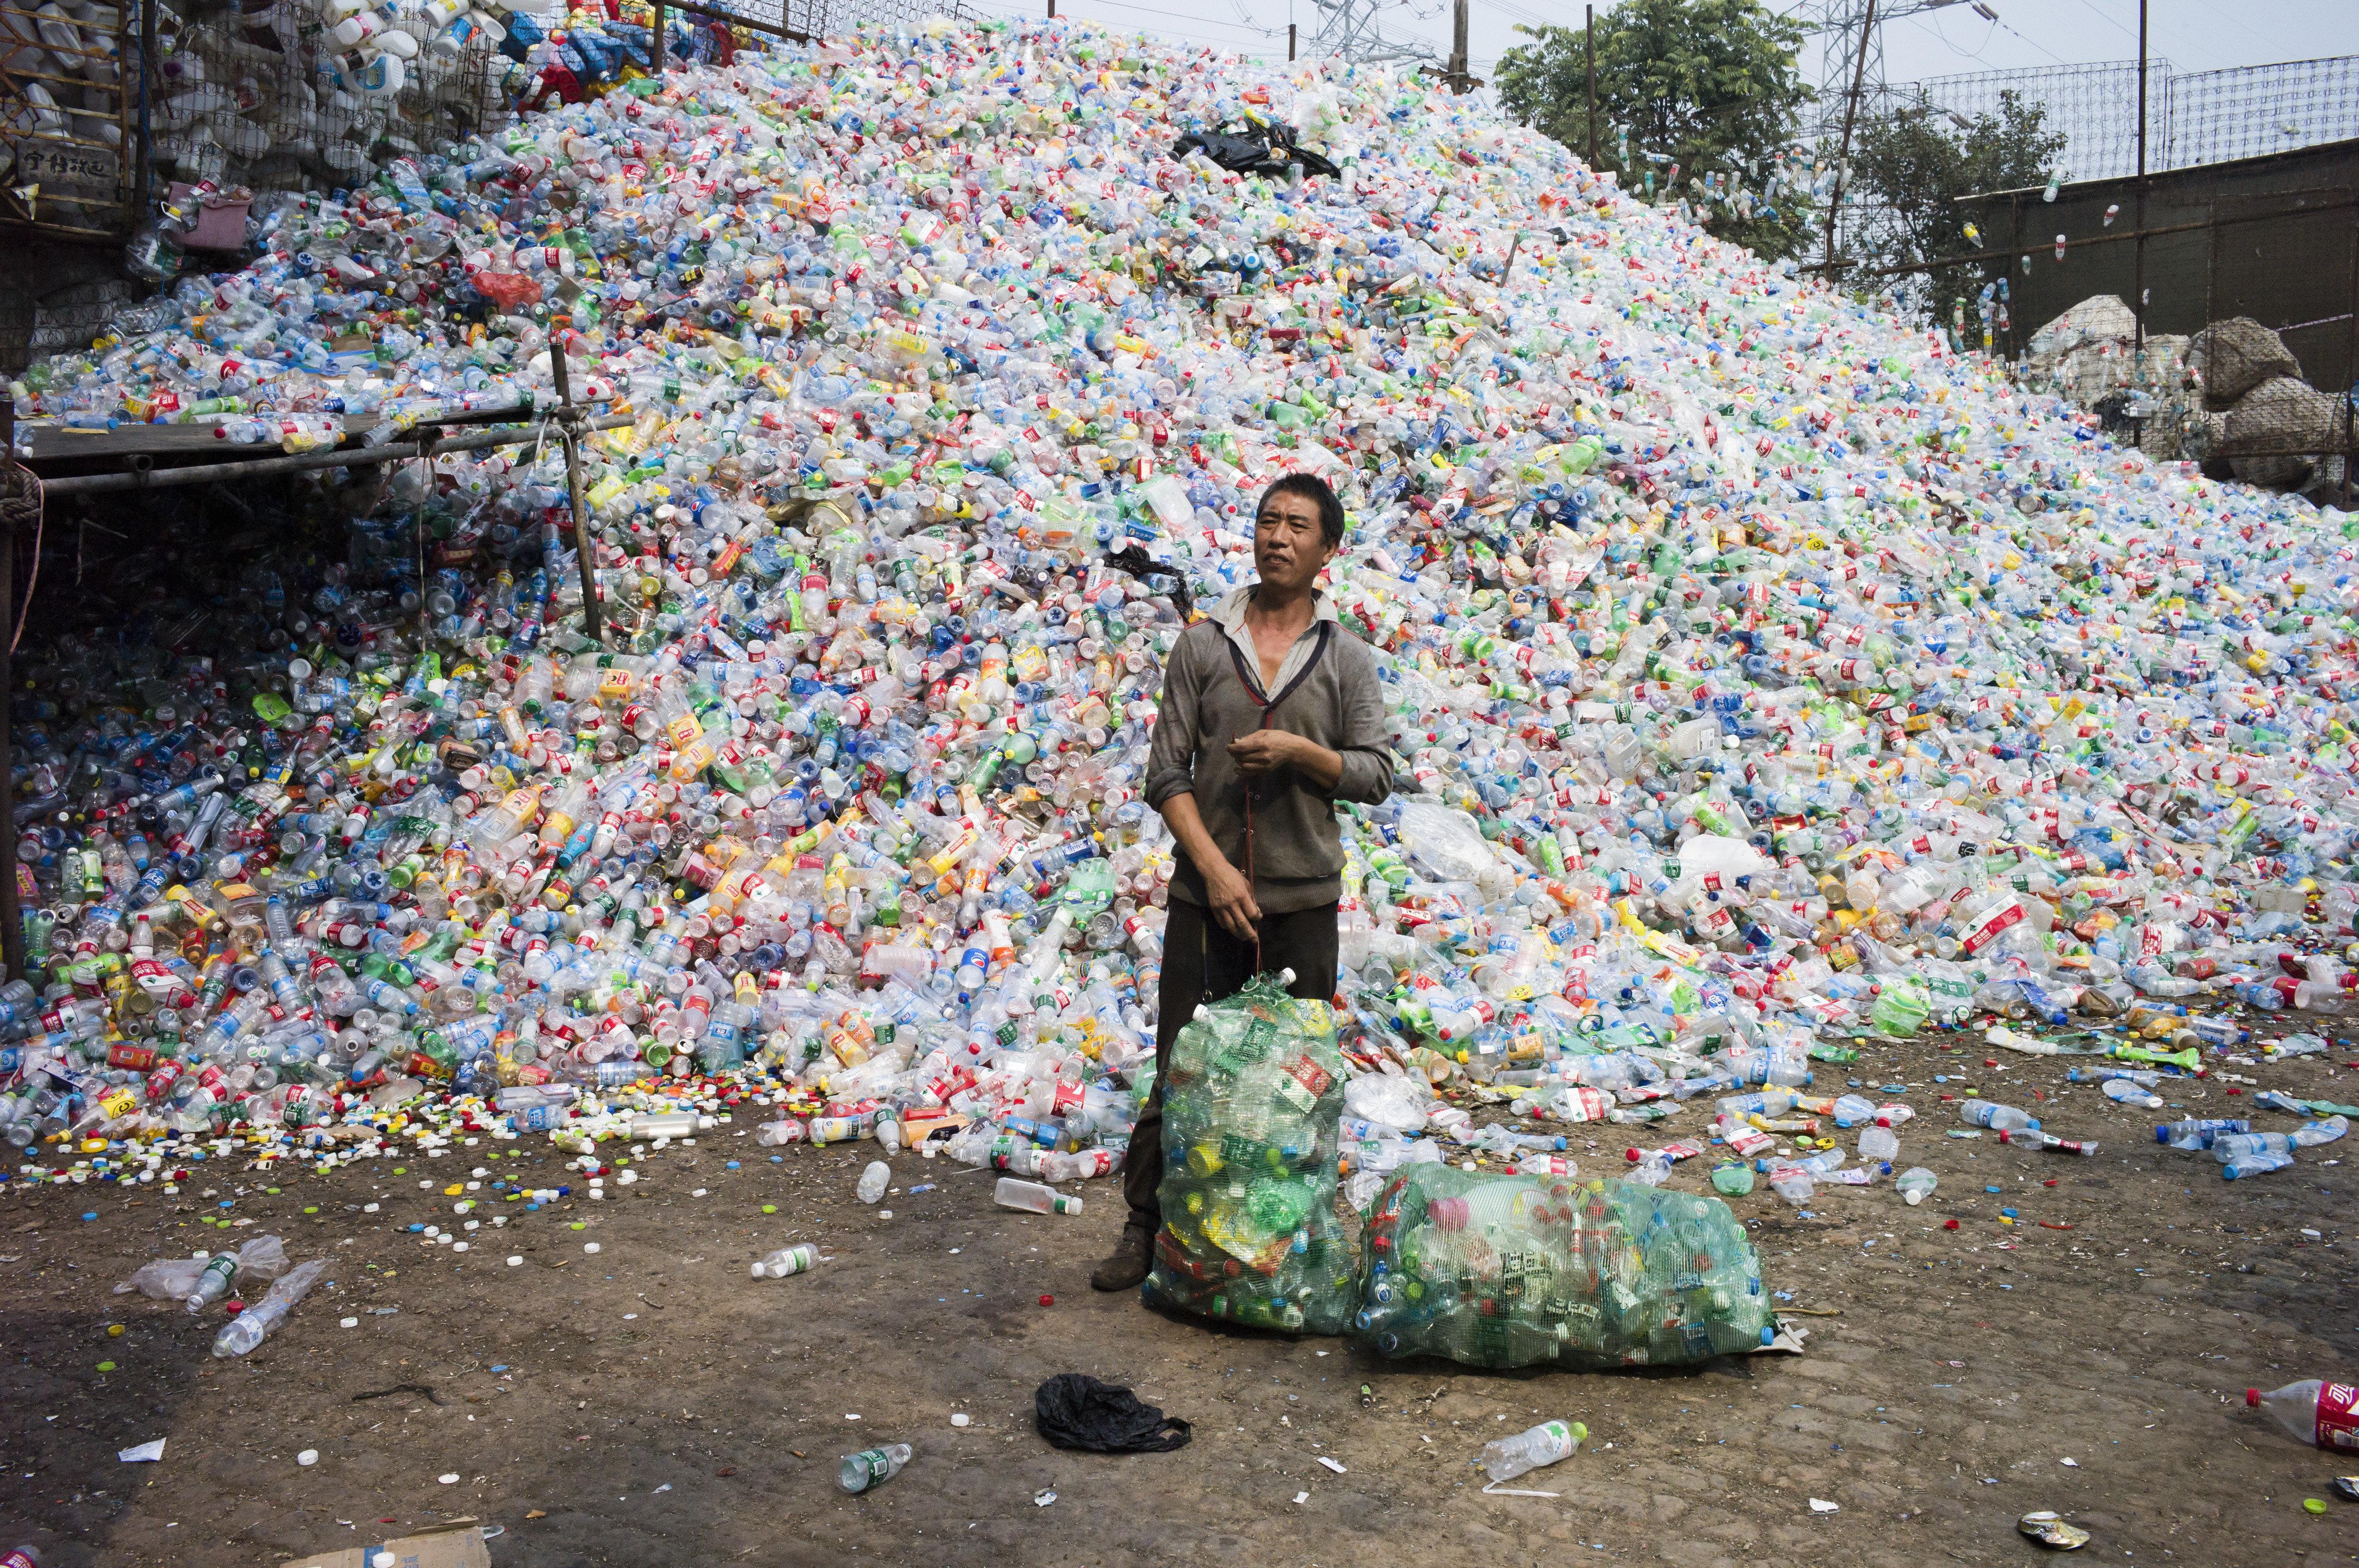 Un chino recicla botellas de plástico en el pueblo de Dong Xiao Kou, a las afueras de Pekín (China)